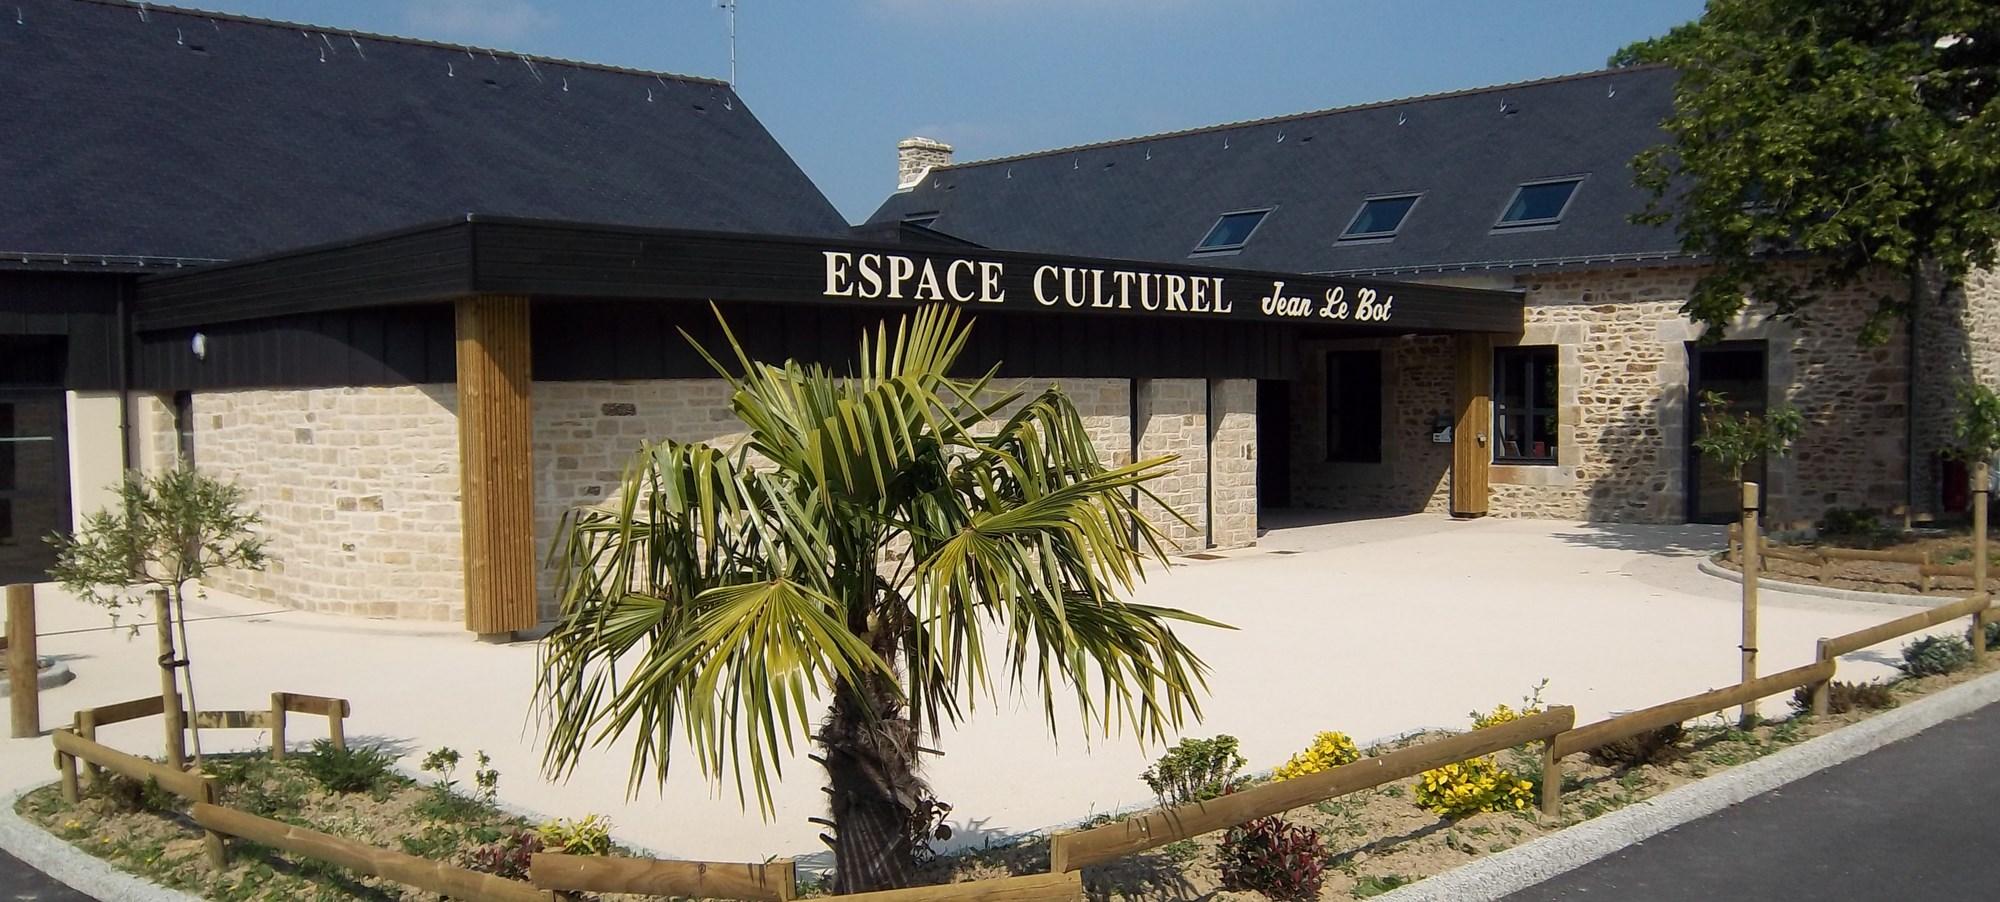 Bandeau de la page 'Espace culturel et Médiathèque